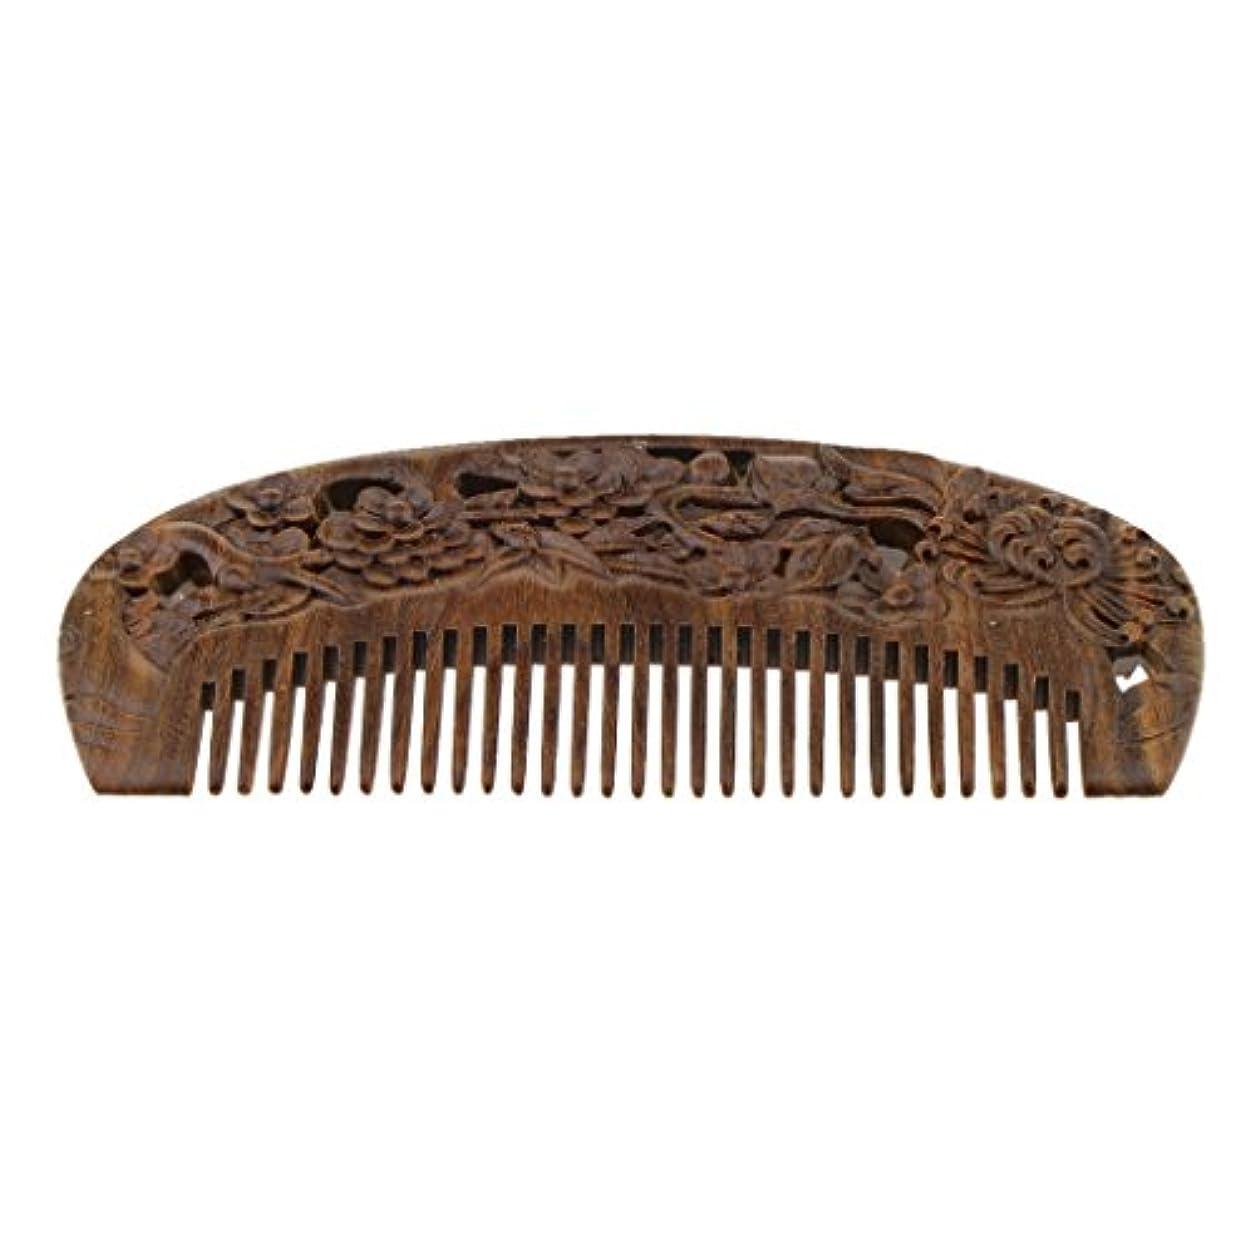 ホイップ増幅考古学的なSM SunniMix 木製コーム ウッドコーム ワイド歯 ヘアブラシ 頭皮マッサージ ヘアスタイリング 全2種類 - #2